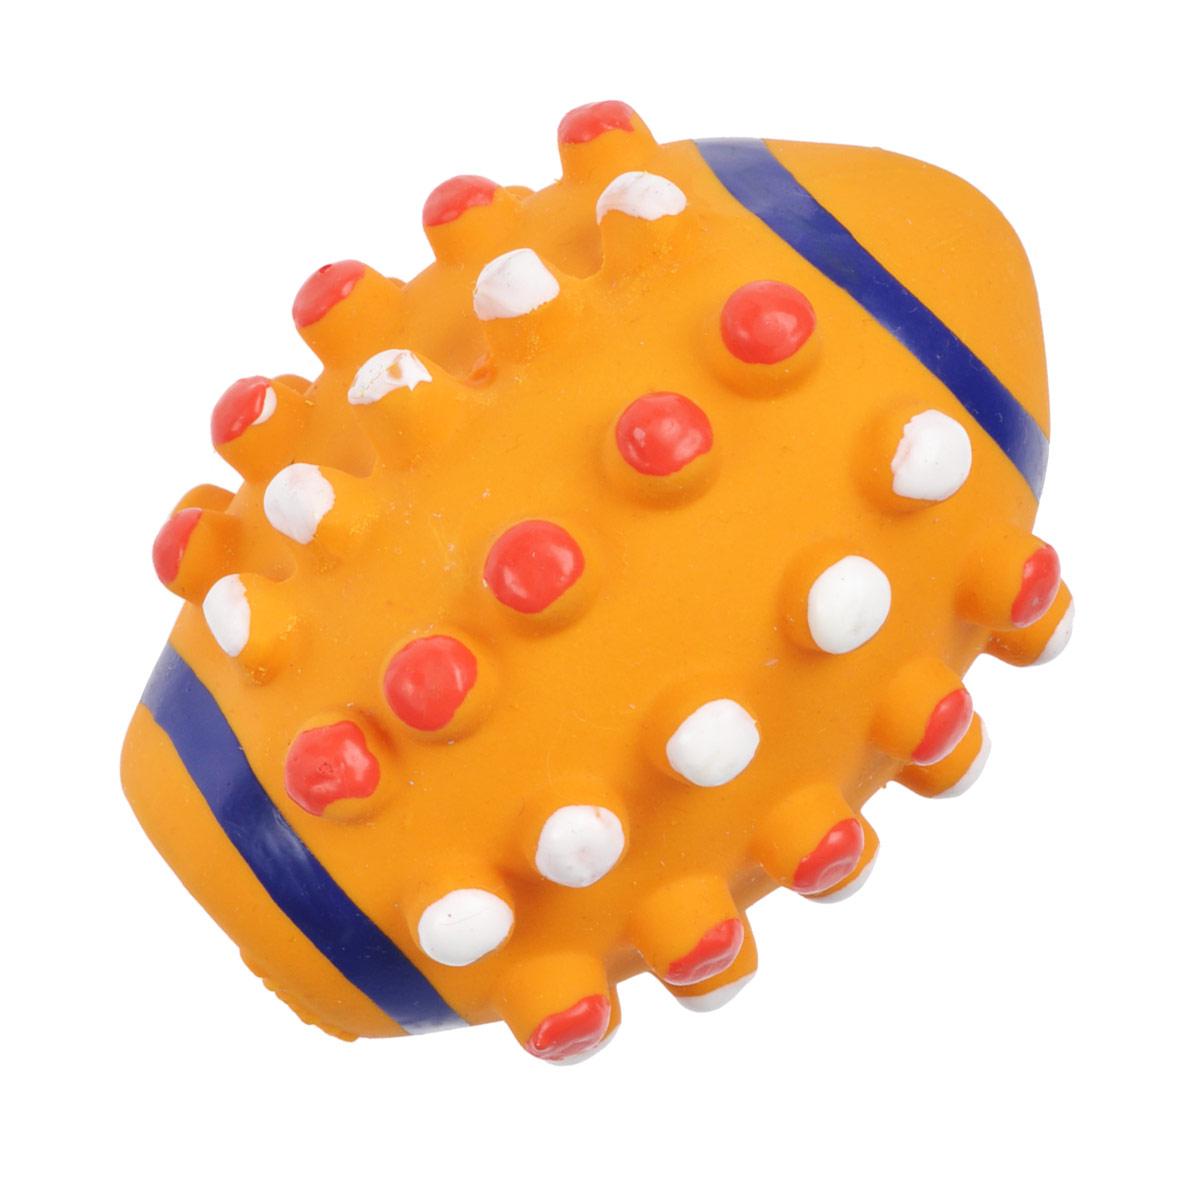 Игрушка для собак I.P.T.S. Мяч регби, цвет: оранжевый16375/620853Игрушка I.P.T.S. Мяч регби изготовлена из латекса с использованием только безопасных, не токсичных красителей. Такая игрушка порадует вашего любимца, а вам доставит массу приятных эмоций, ведь наблюдать за игрой всегда интересно и приятно. Оставшись в одиночестве, ваша собака будет увлеченно играть в эту игрушку. Диаметр: 10 см.